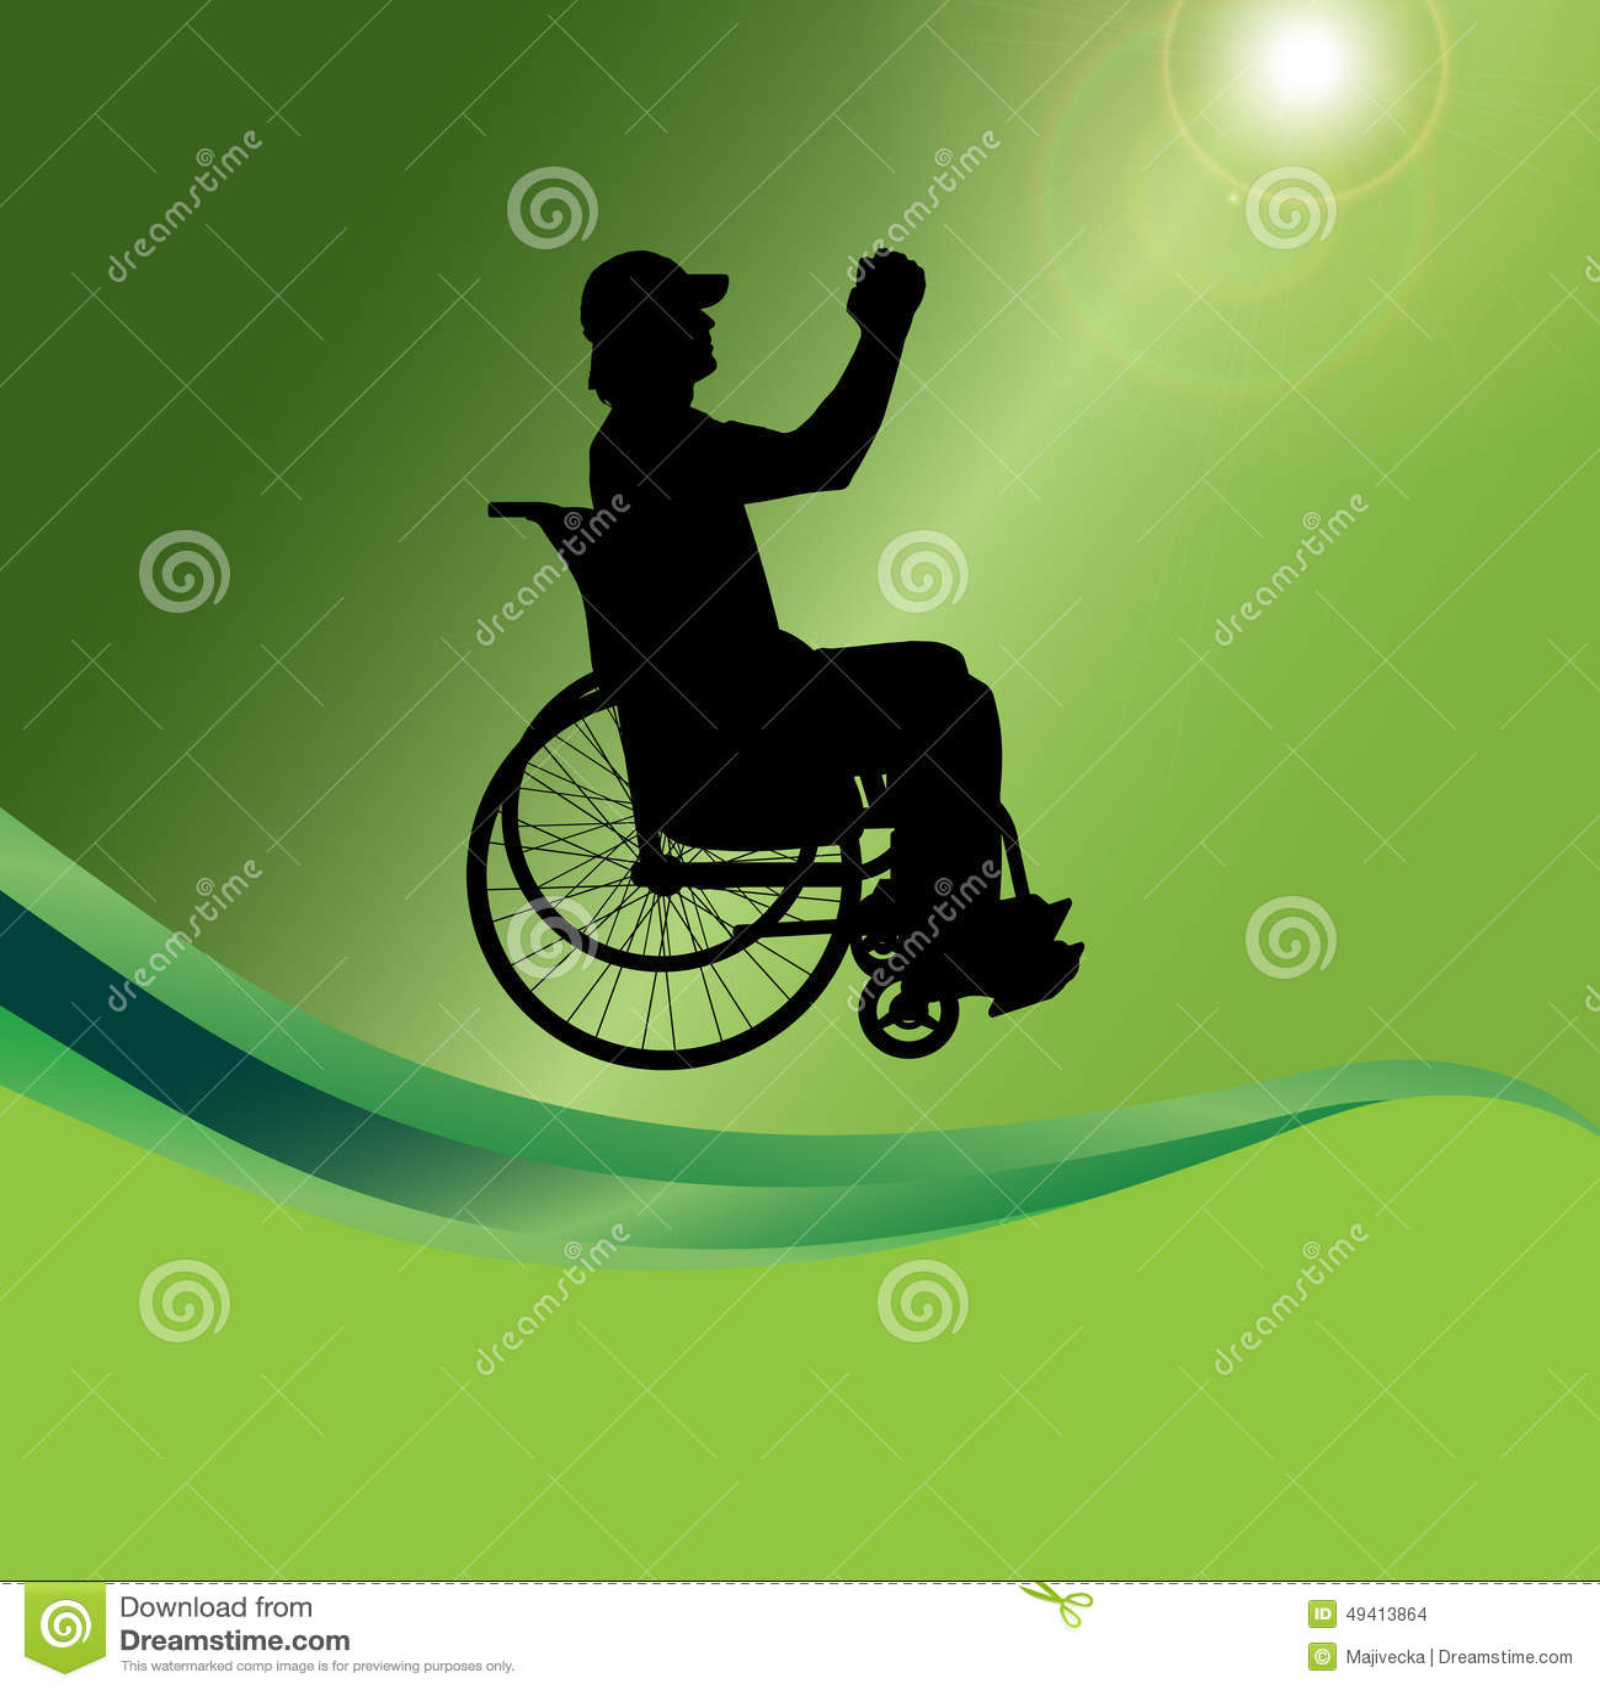 Download Vector Schattenbild Eines Mannes In Einem Rollstuhl Vektor Abbildung - Illustration von glaube, hintergrund: 49413864